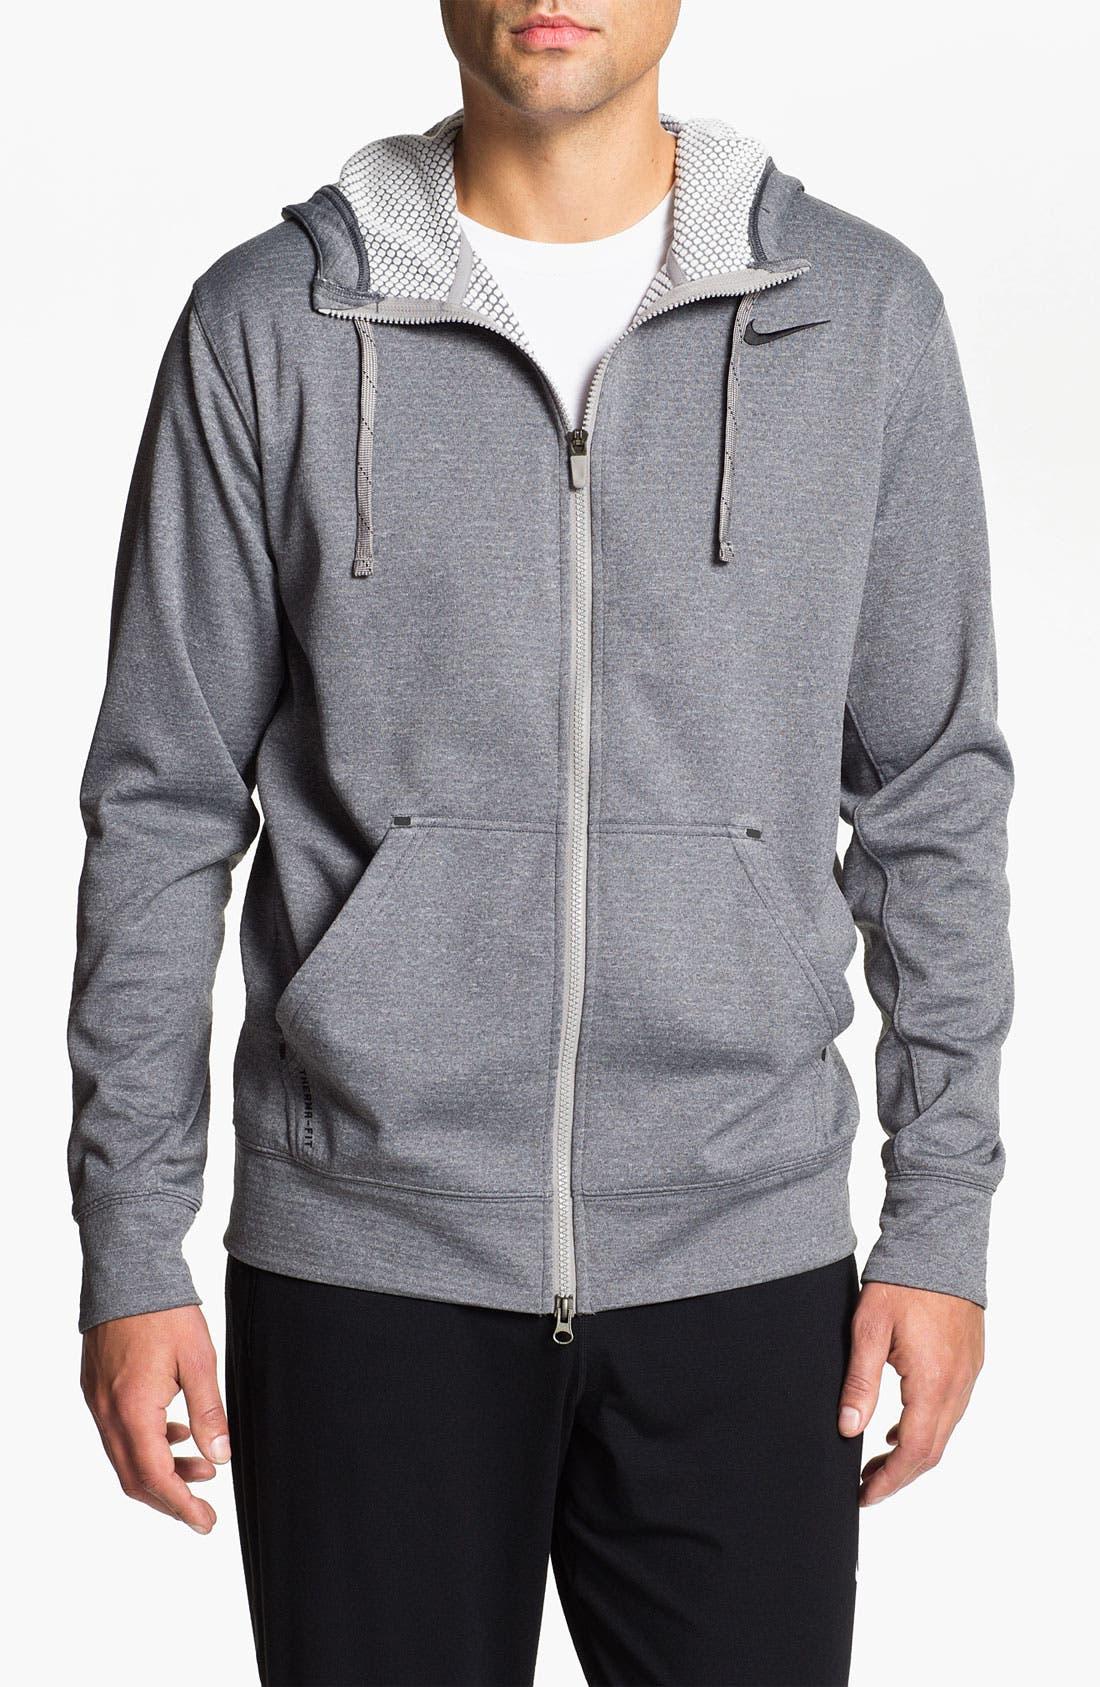 Main Image - Nike 'Sphere' Zip Hoodie